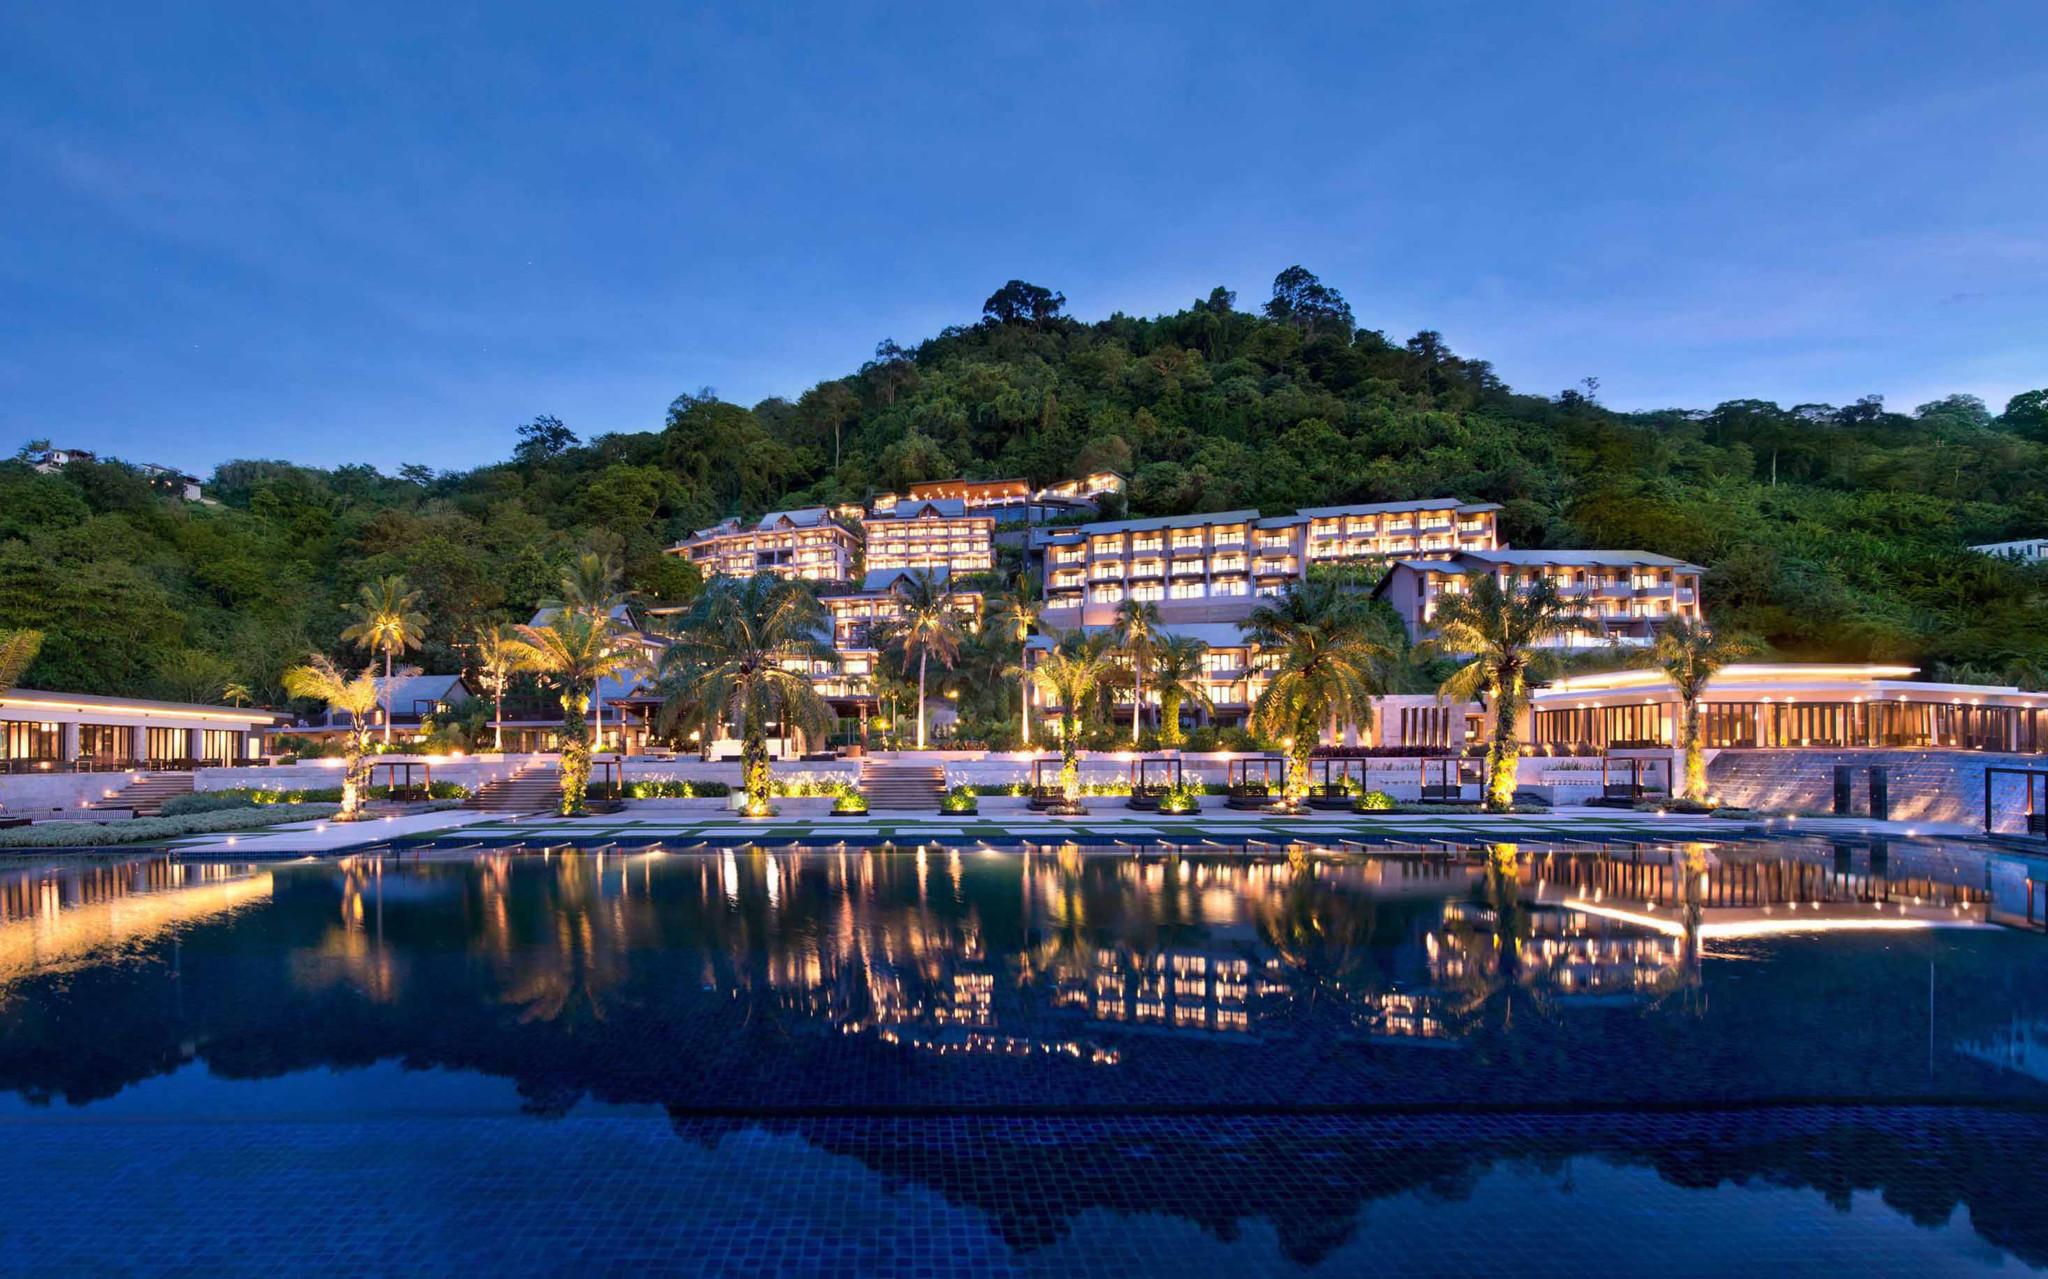 Hyatt Regency Phuket at night